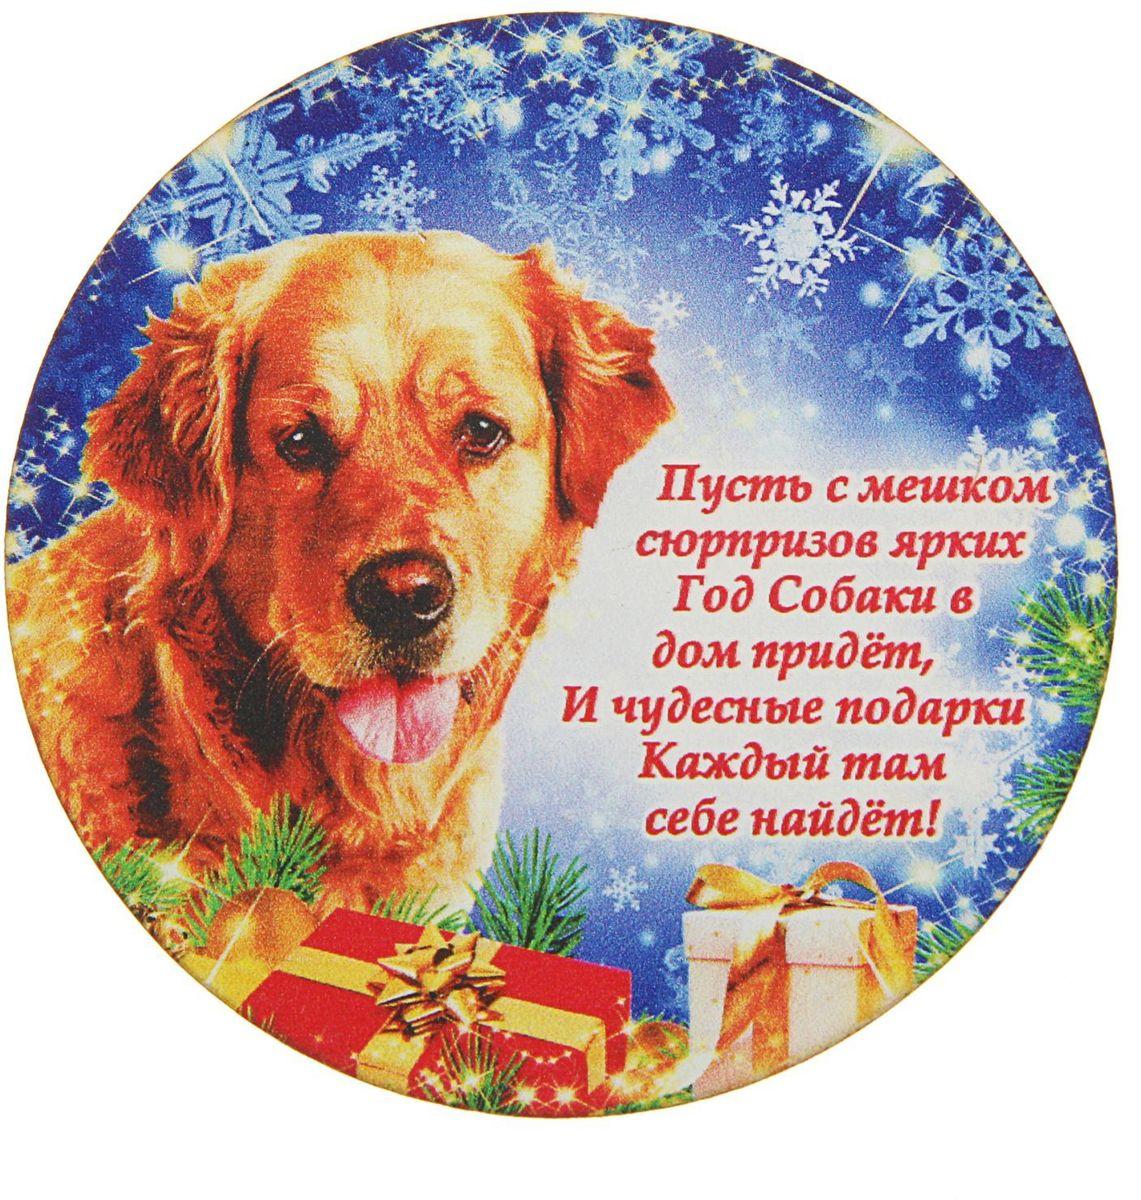 всего минтай, поздравление любимой собаке с новым годом кухни отлично подойдут